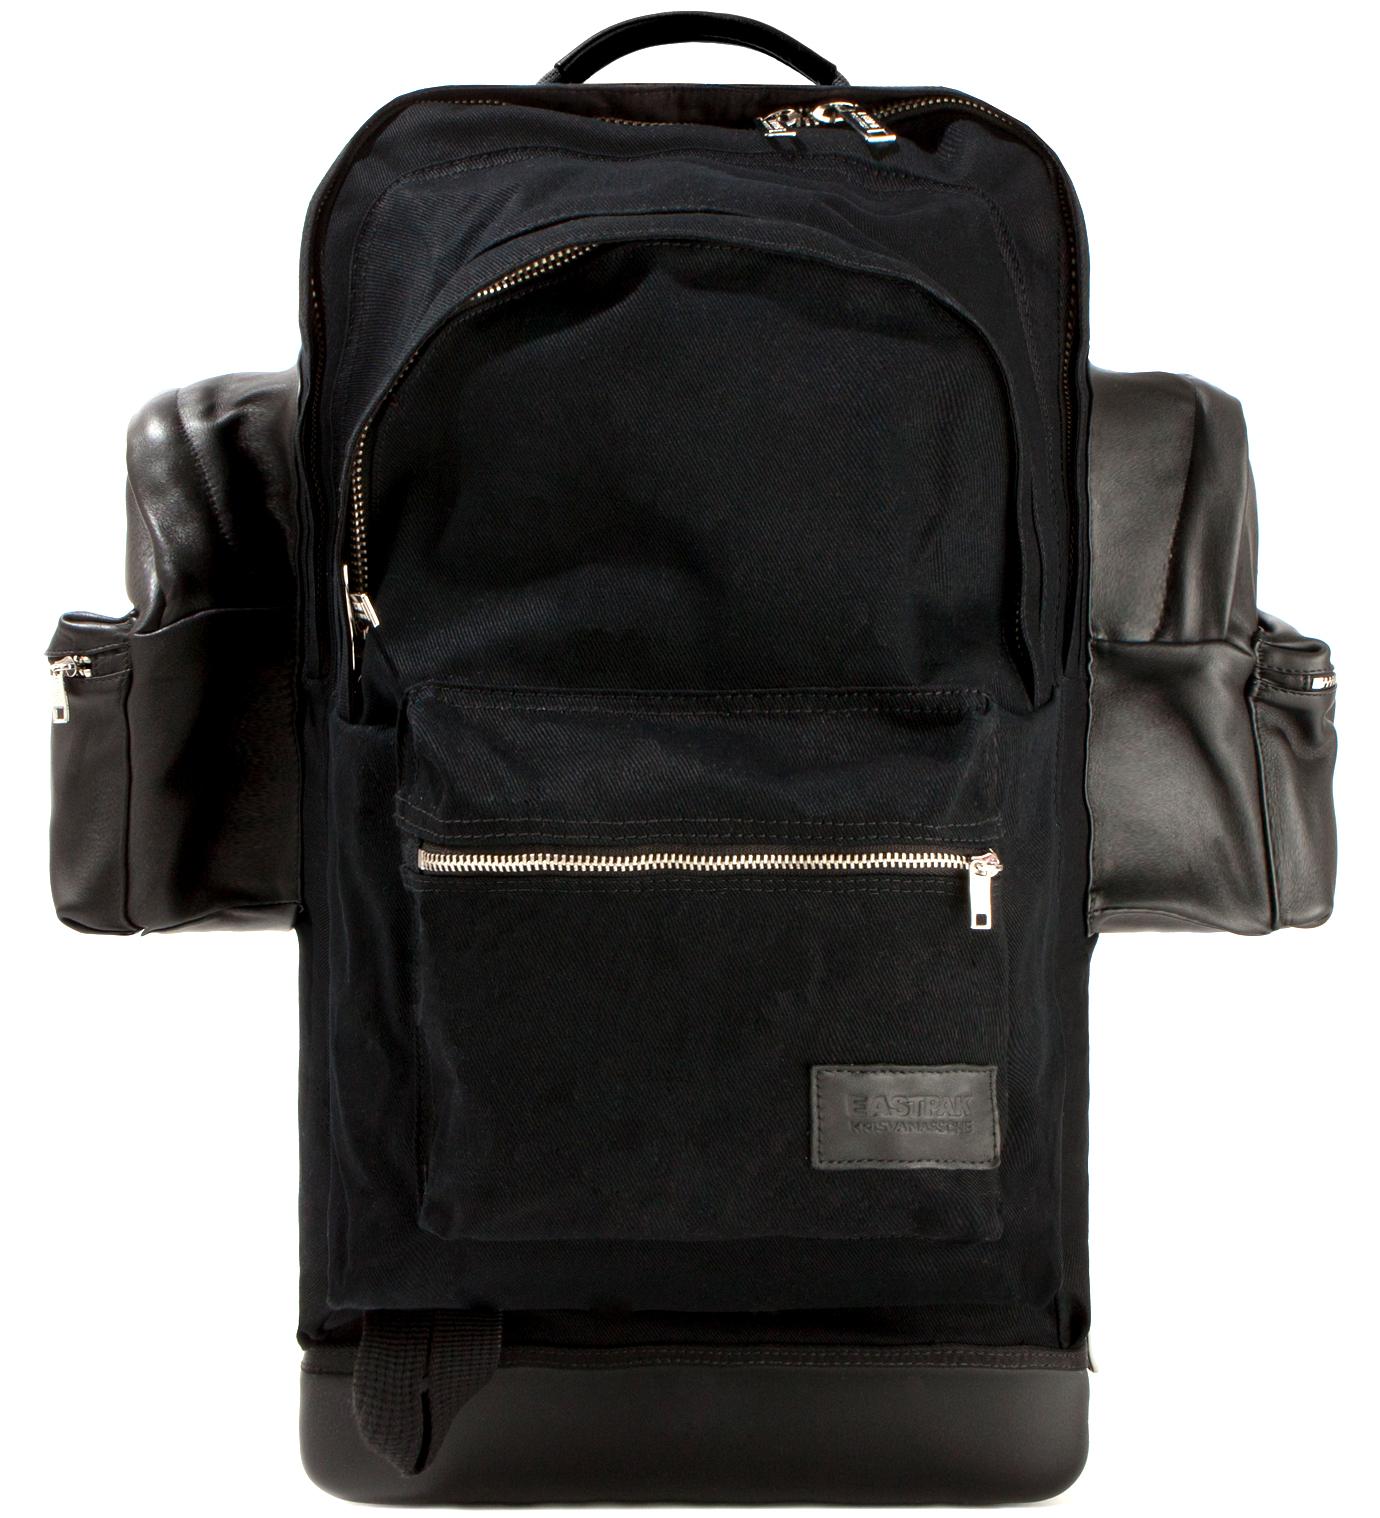 KRISVANASSCHE Eastpak KRISVANASSCHE Black Cotton Backpack XXL